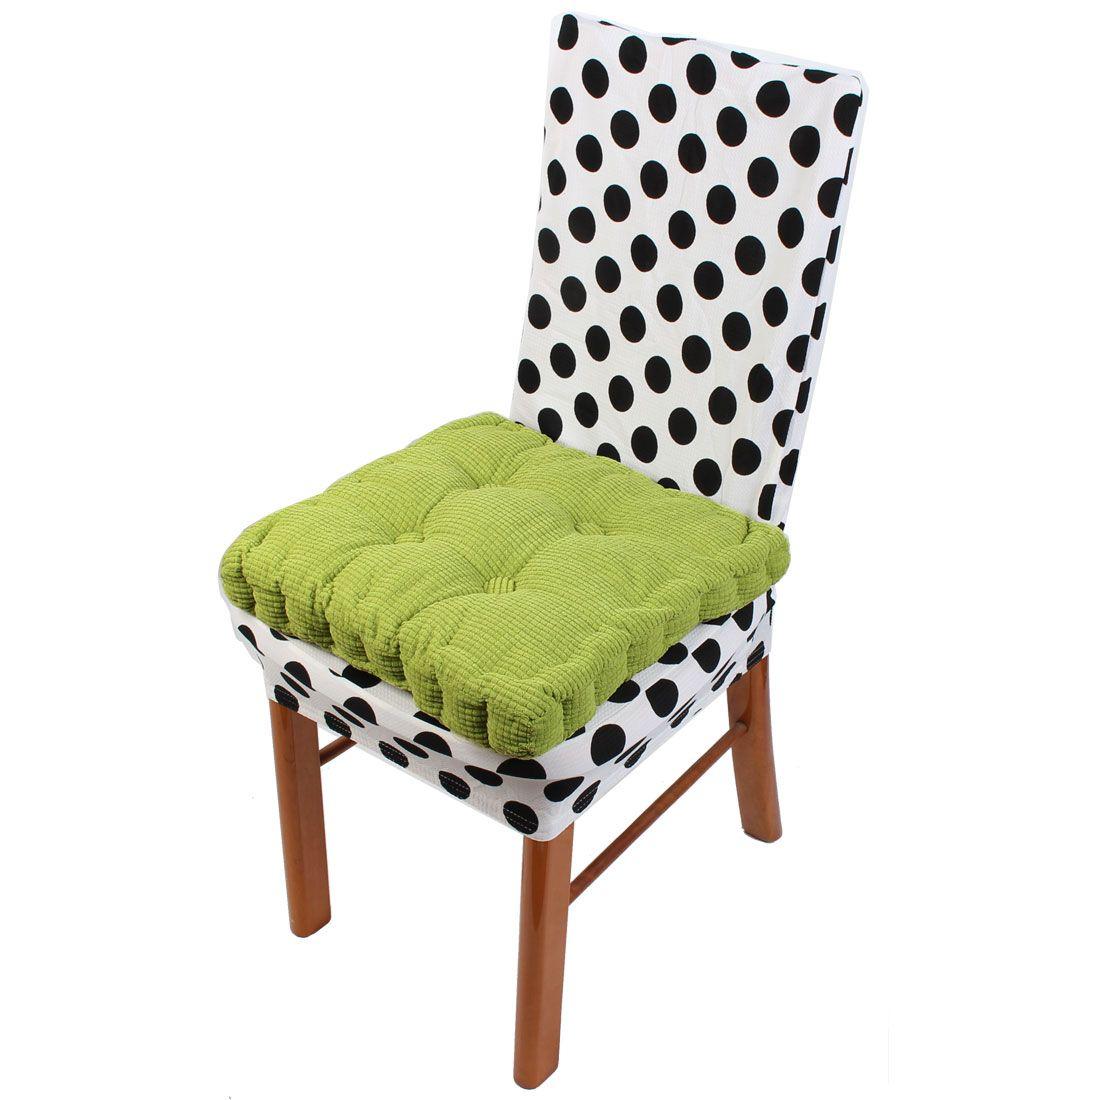 Patio & Garden in 2020 Chair cushions, Chair pads, Chair